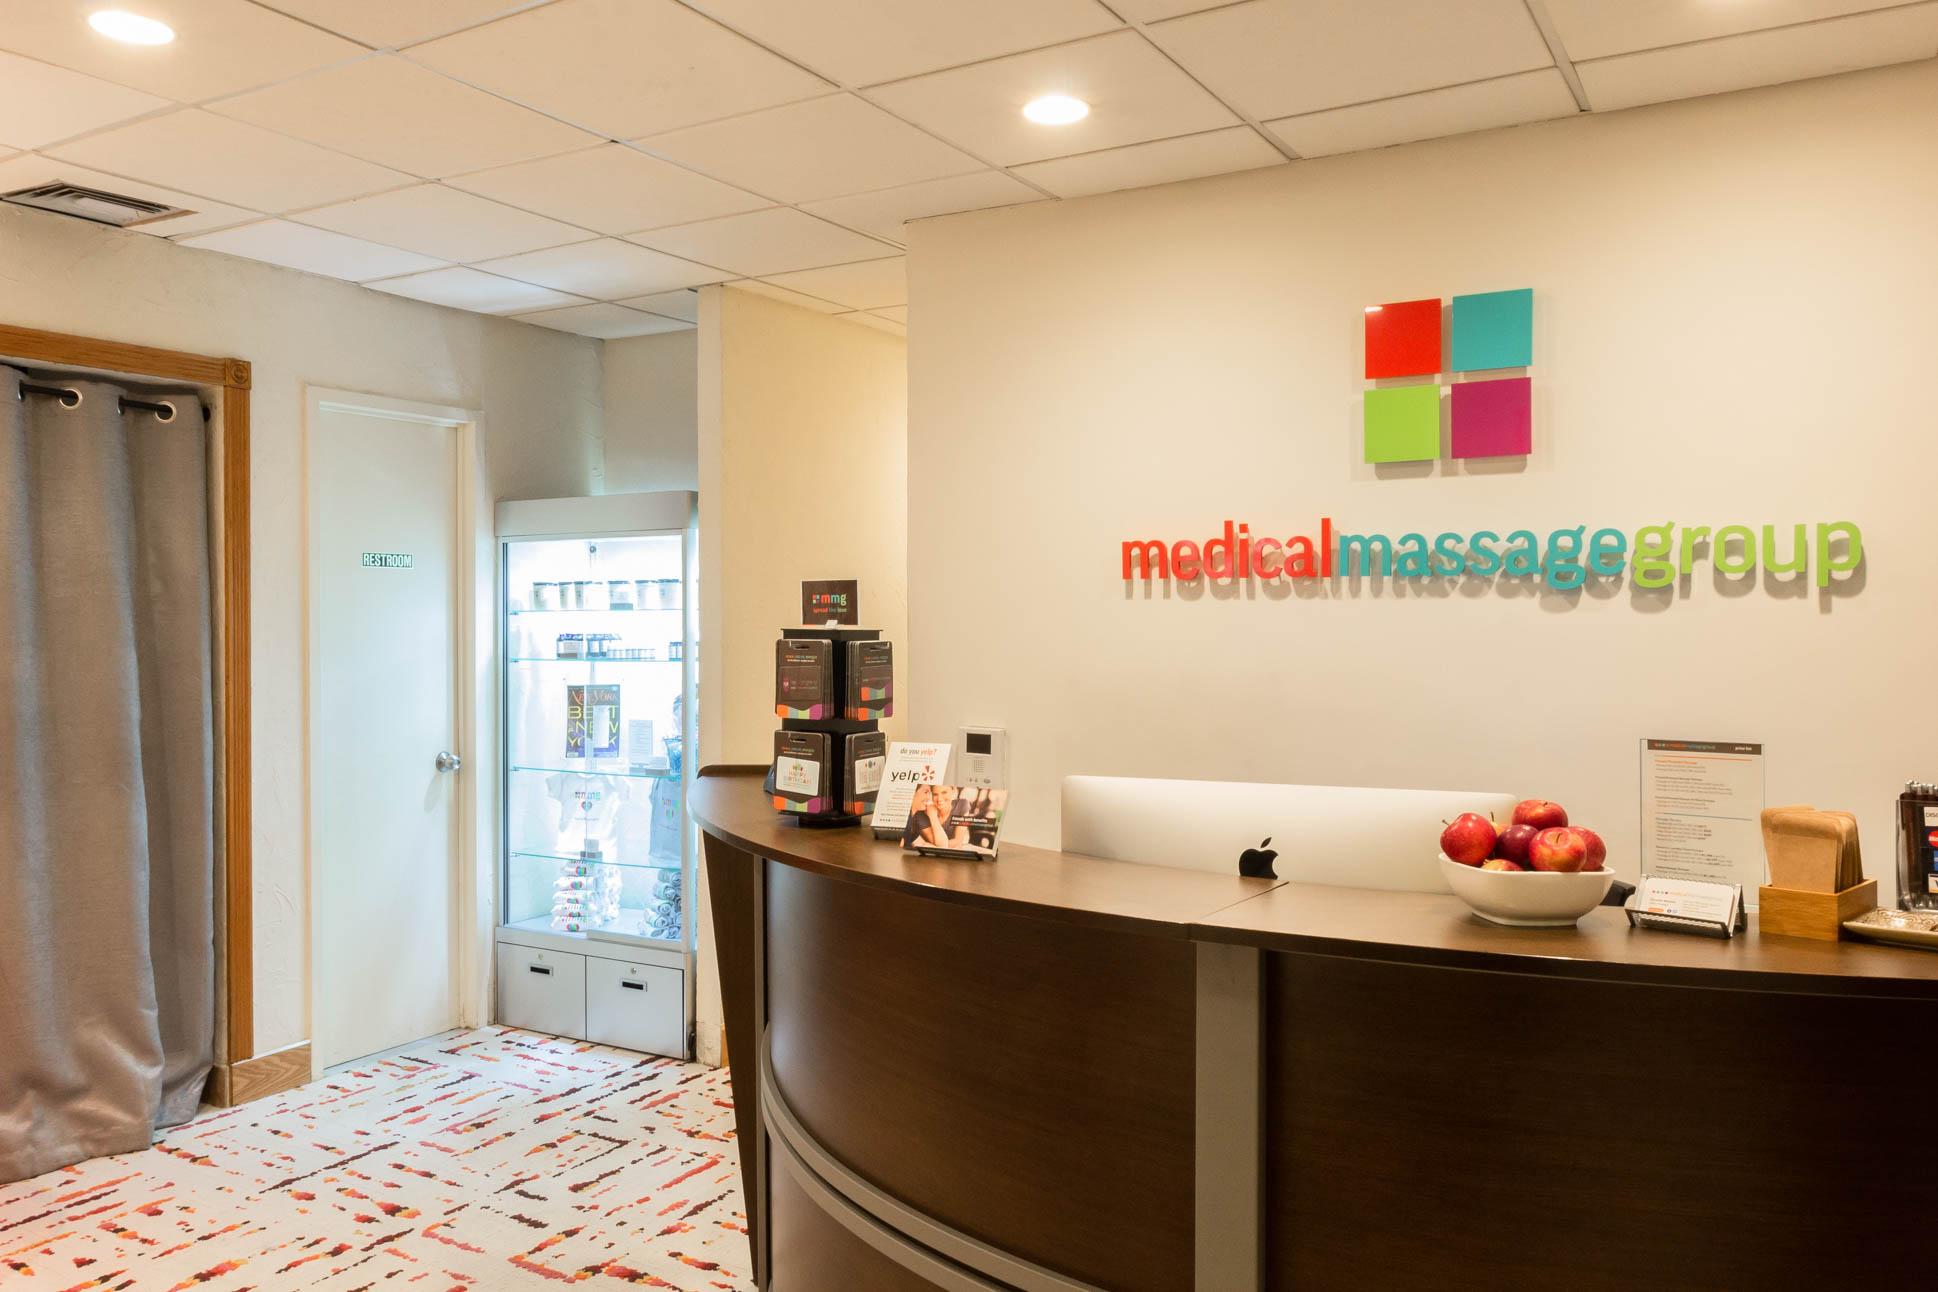 MedicalMassageGroup_Reception_01.jpg